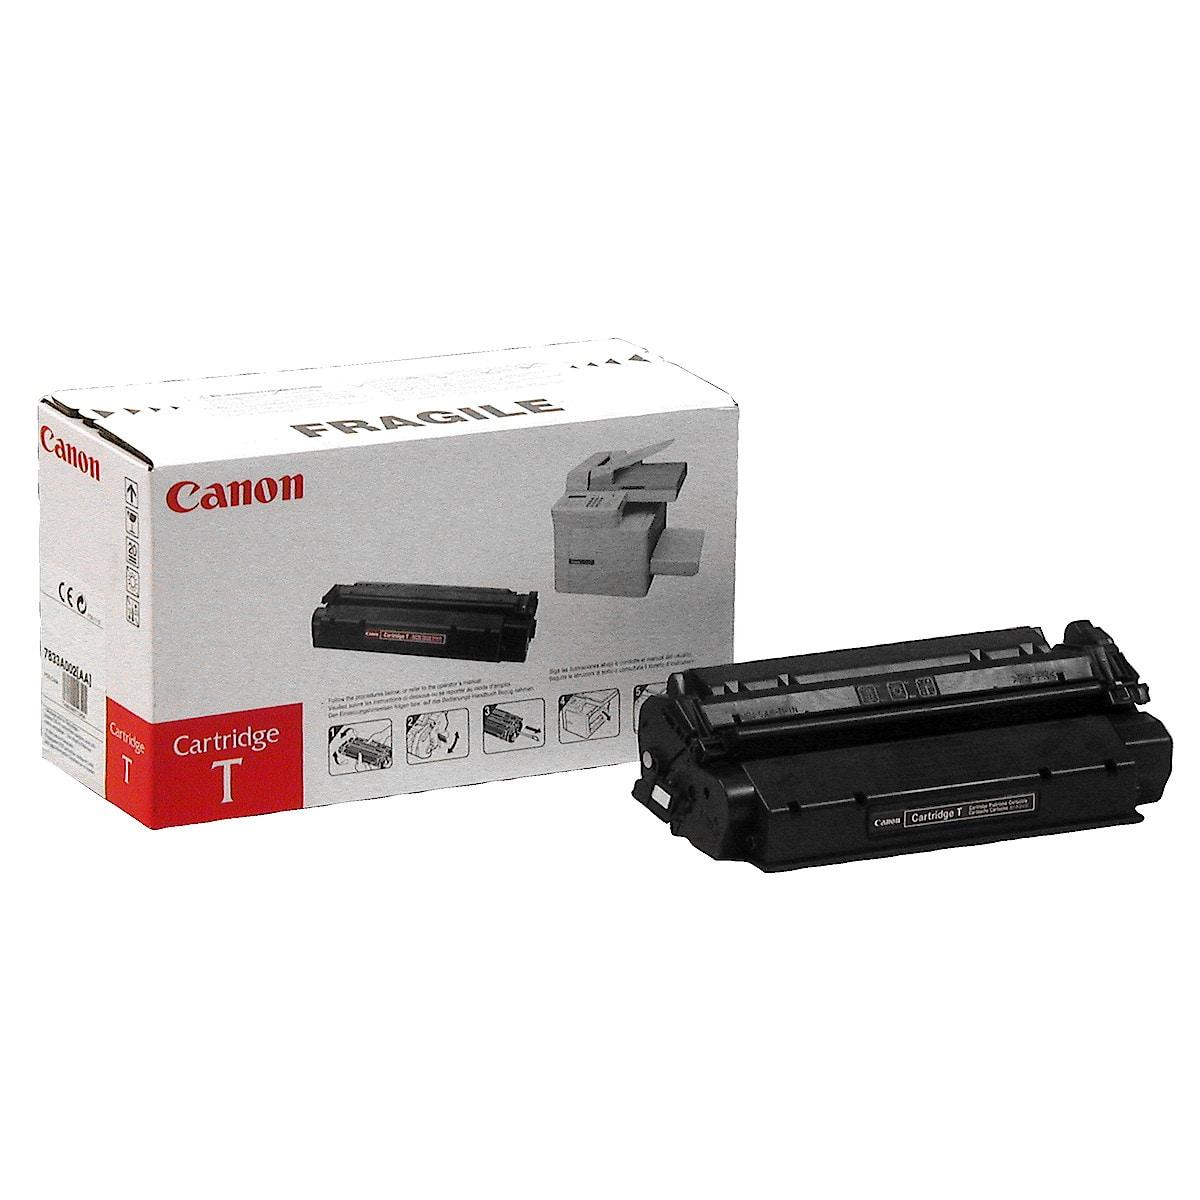 Canon CRG T 7833A002 toner